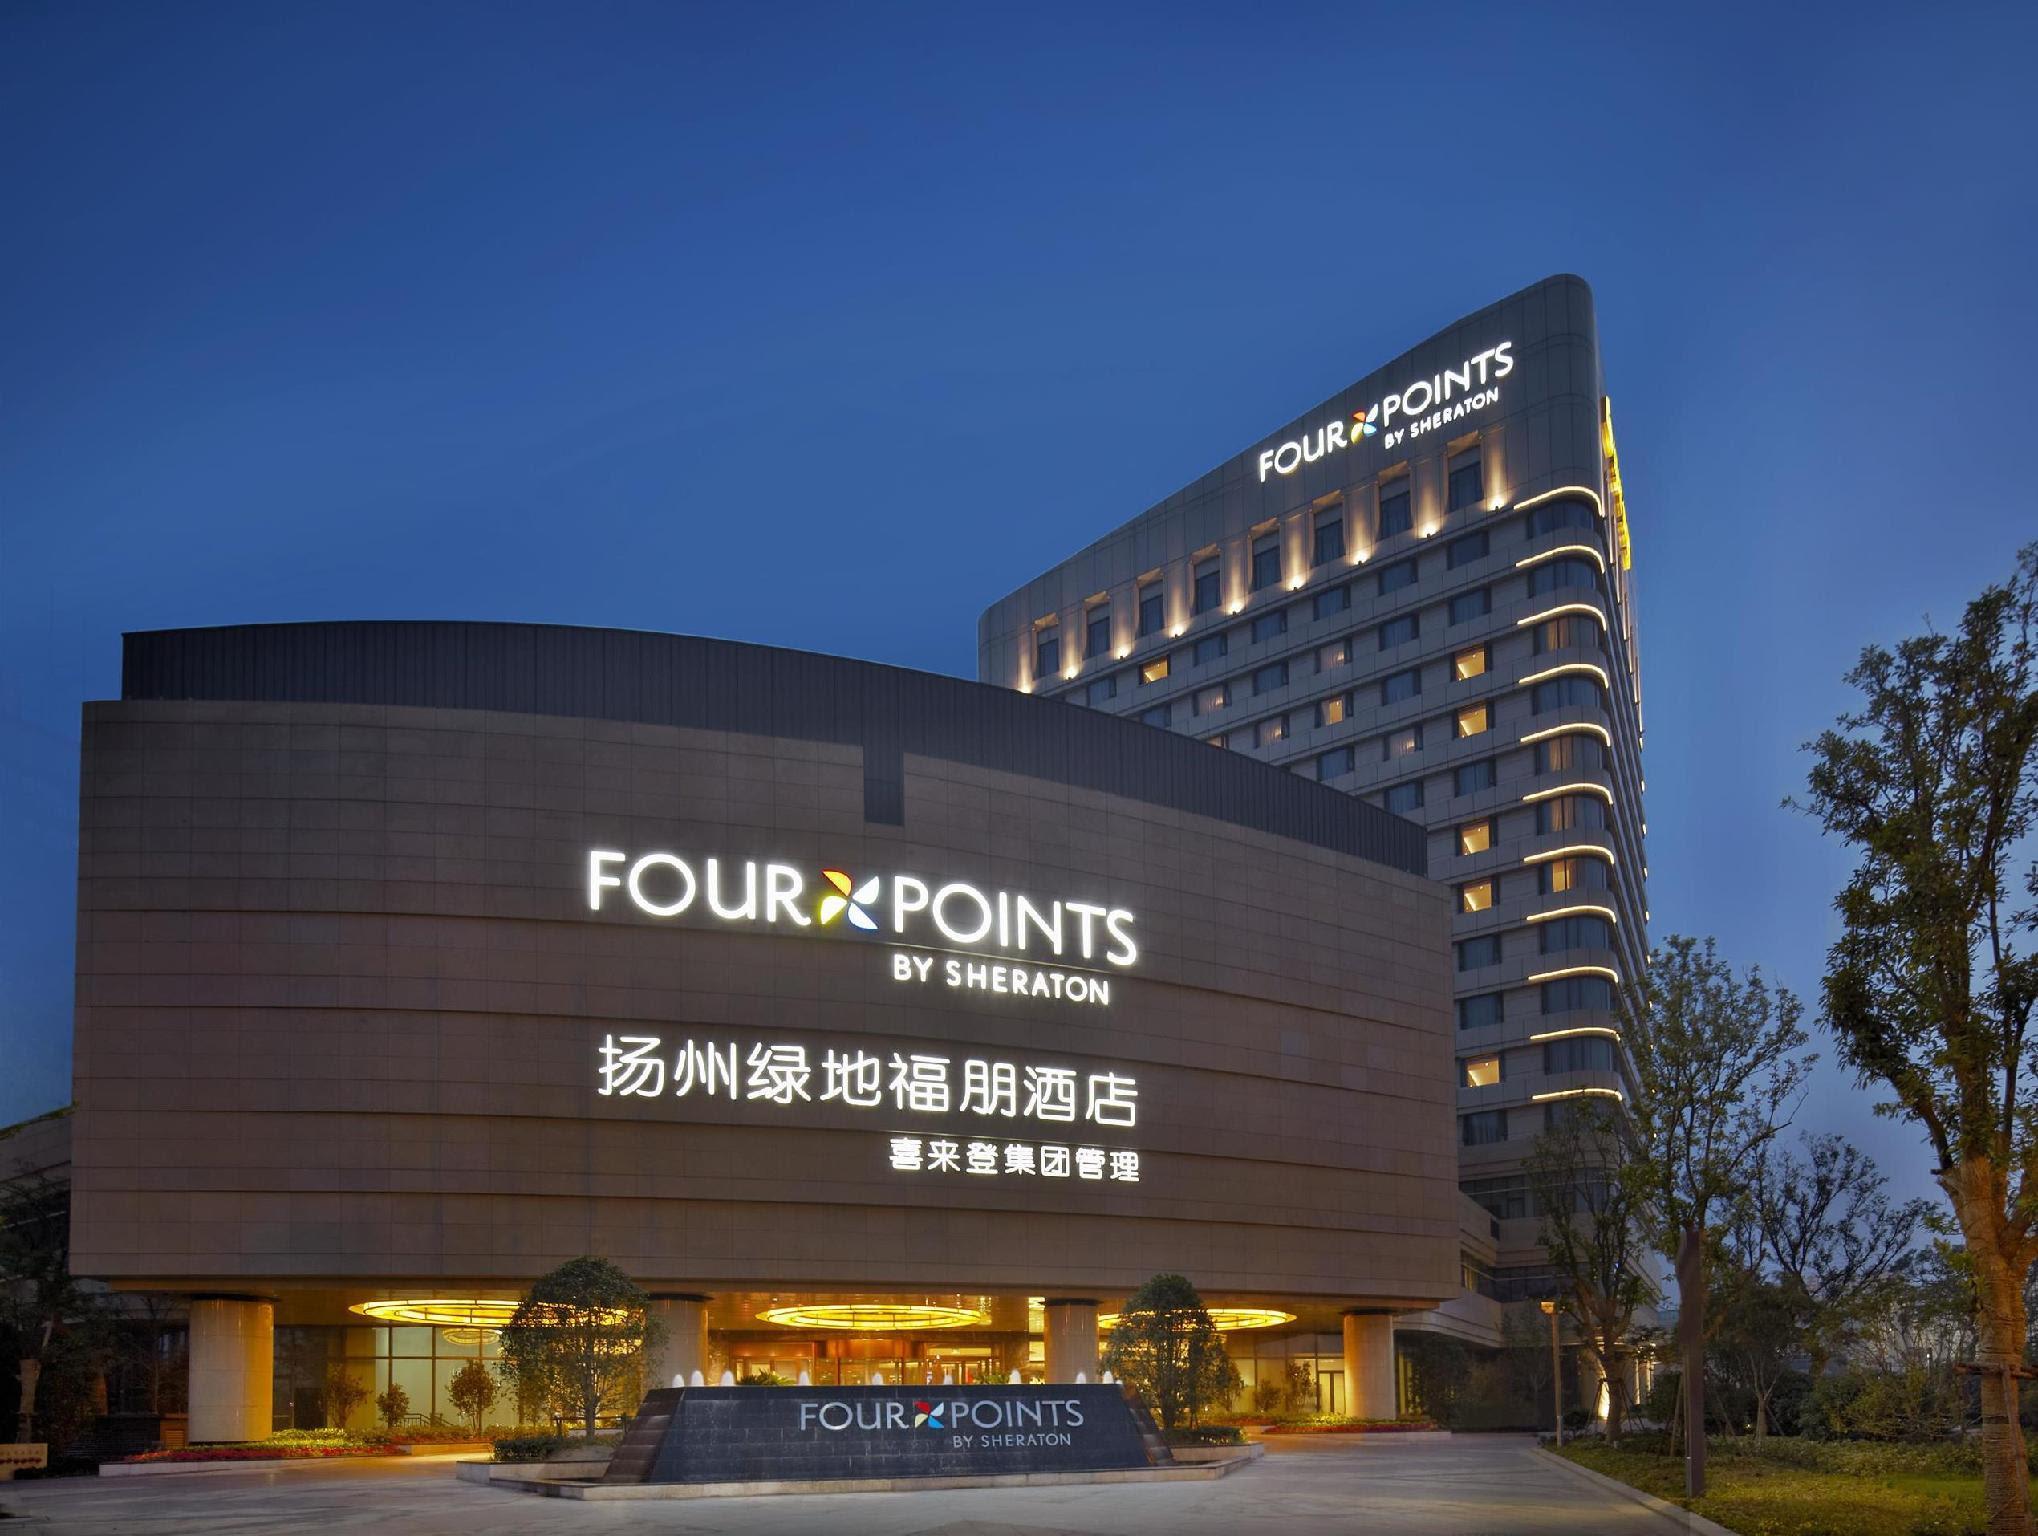 Four Points by Sheraton Yangzhou, Hanjiang Reviews